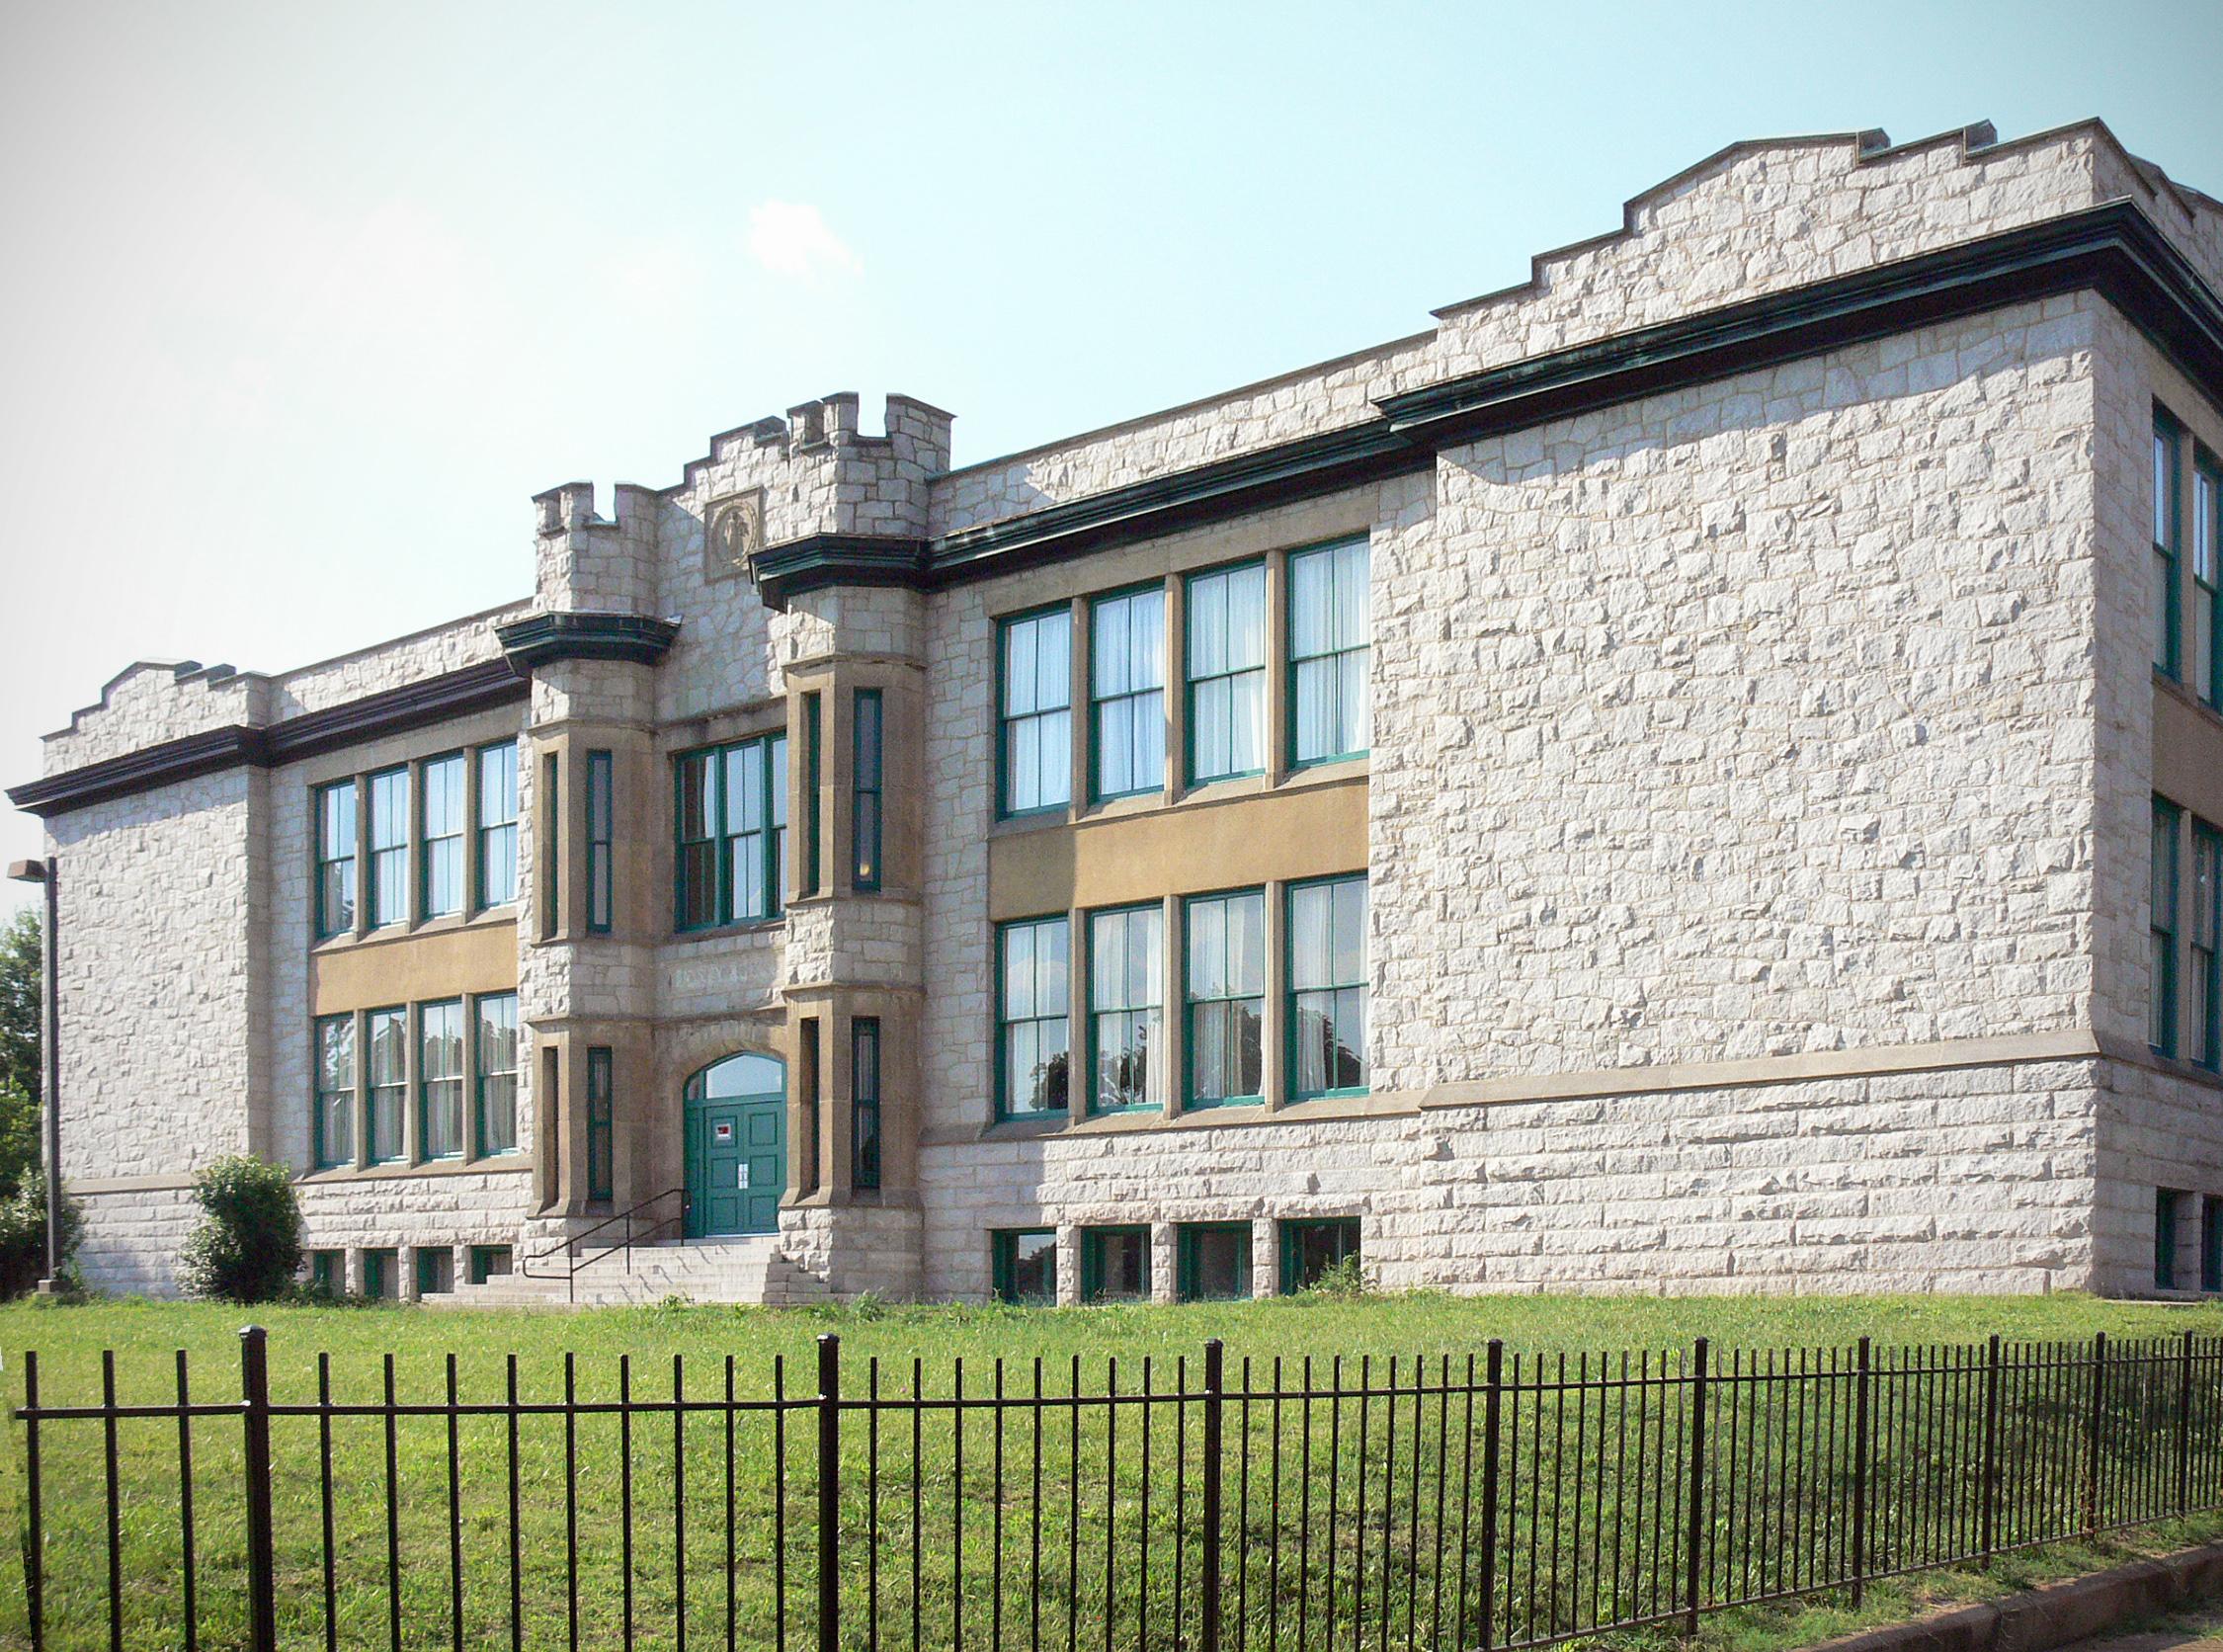 John B. Cary School